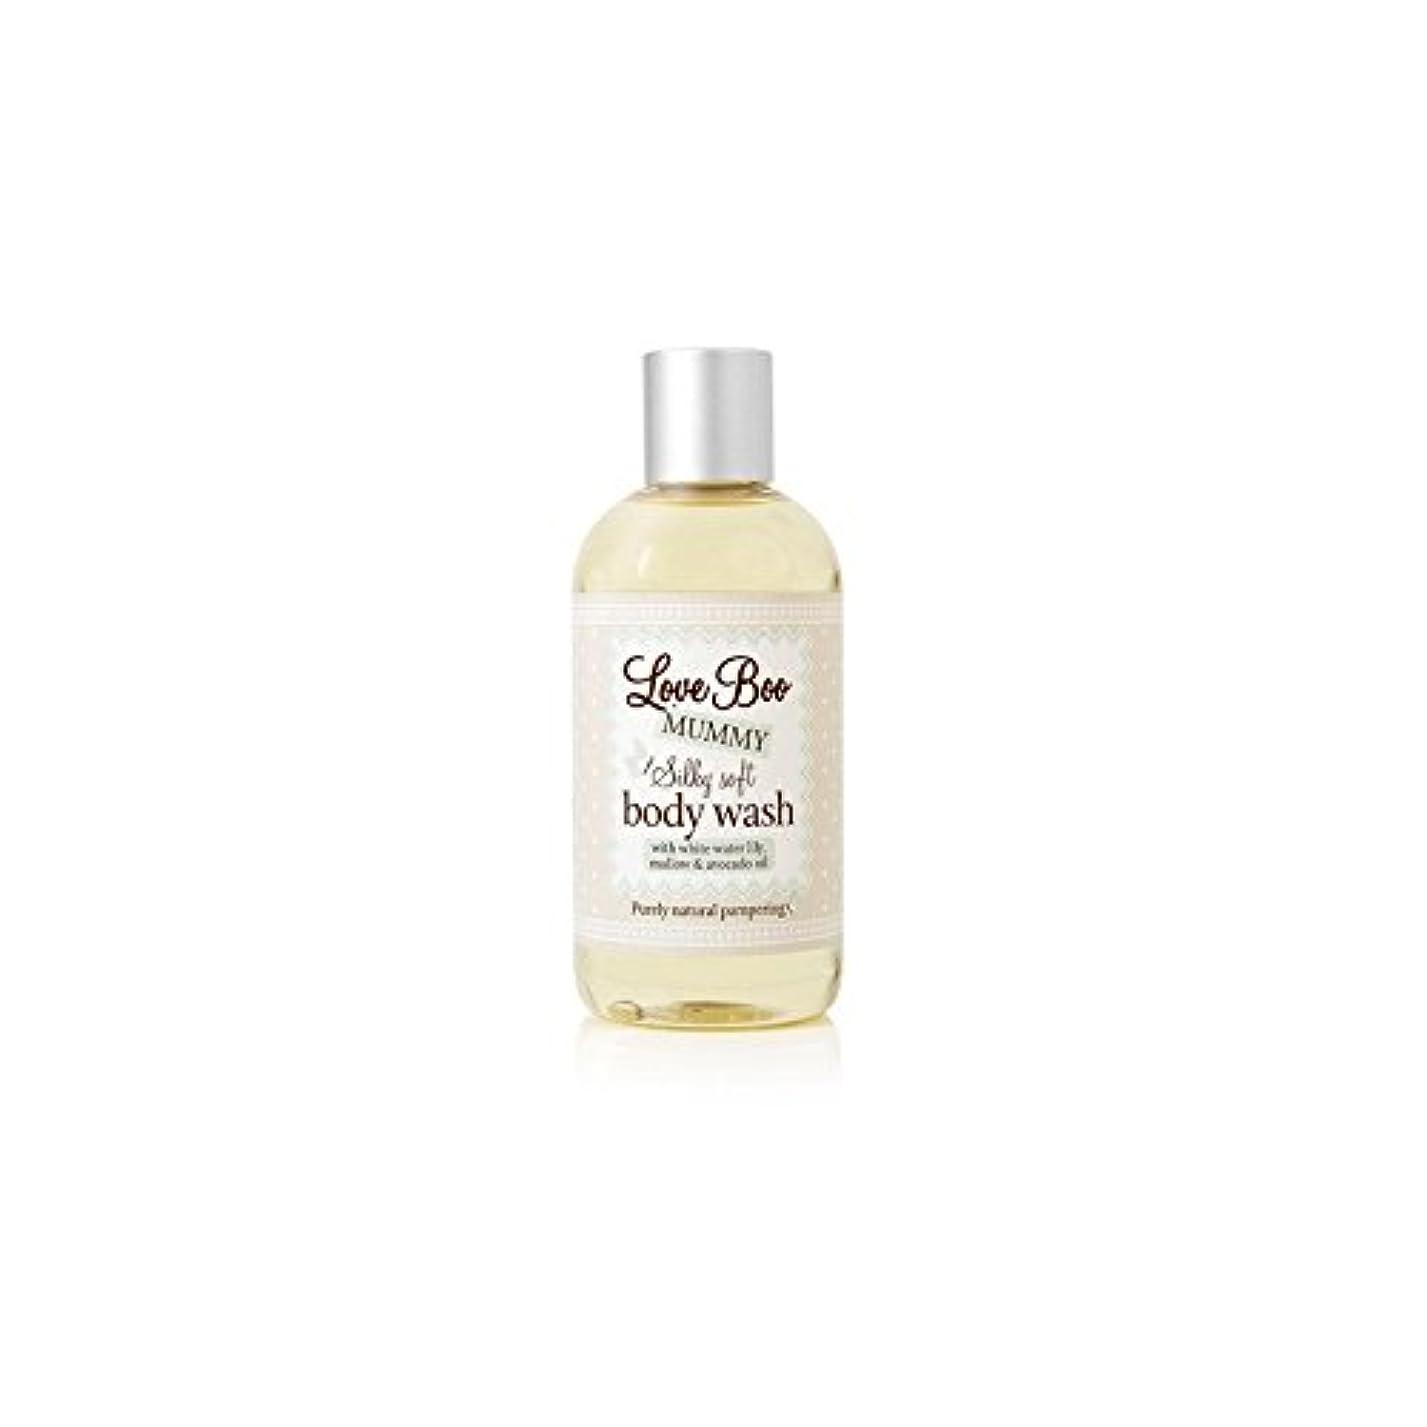 不公平文字通りひねくれたLove Boo Silky Soft Body Wash (250ml) - 絹のようなソフトボディウォッシュ(250ミリリットル)愛 [並行輸入品]